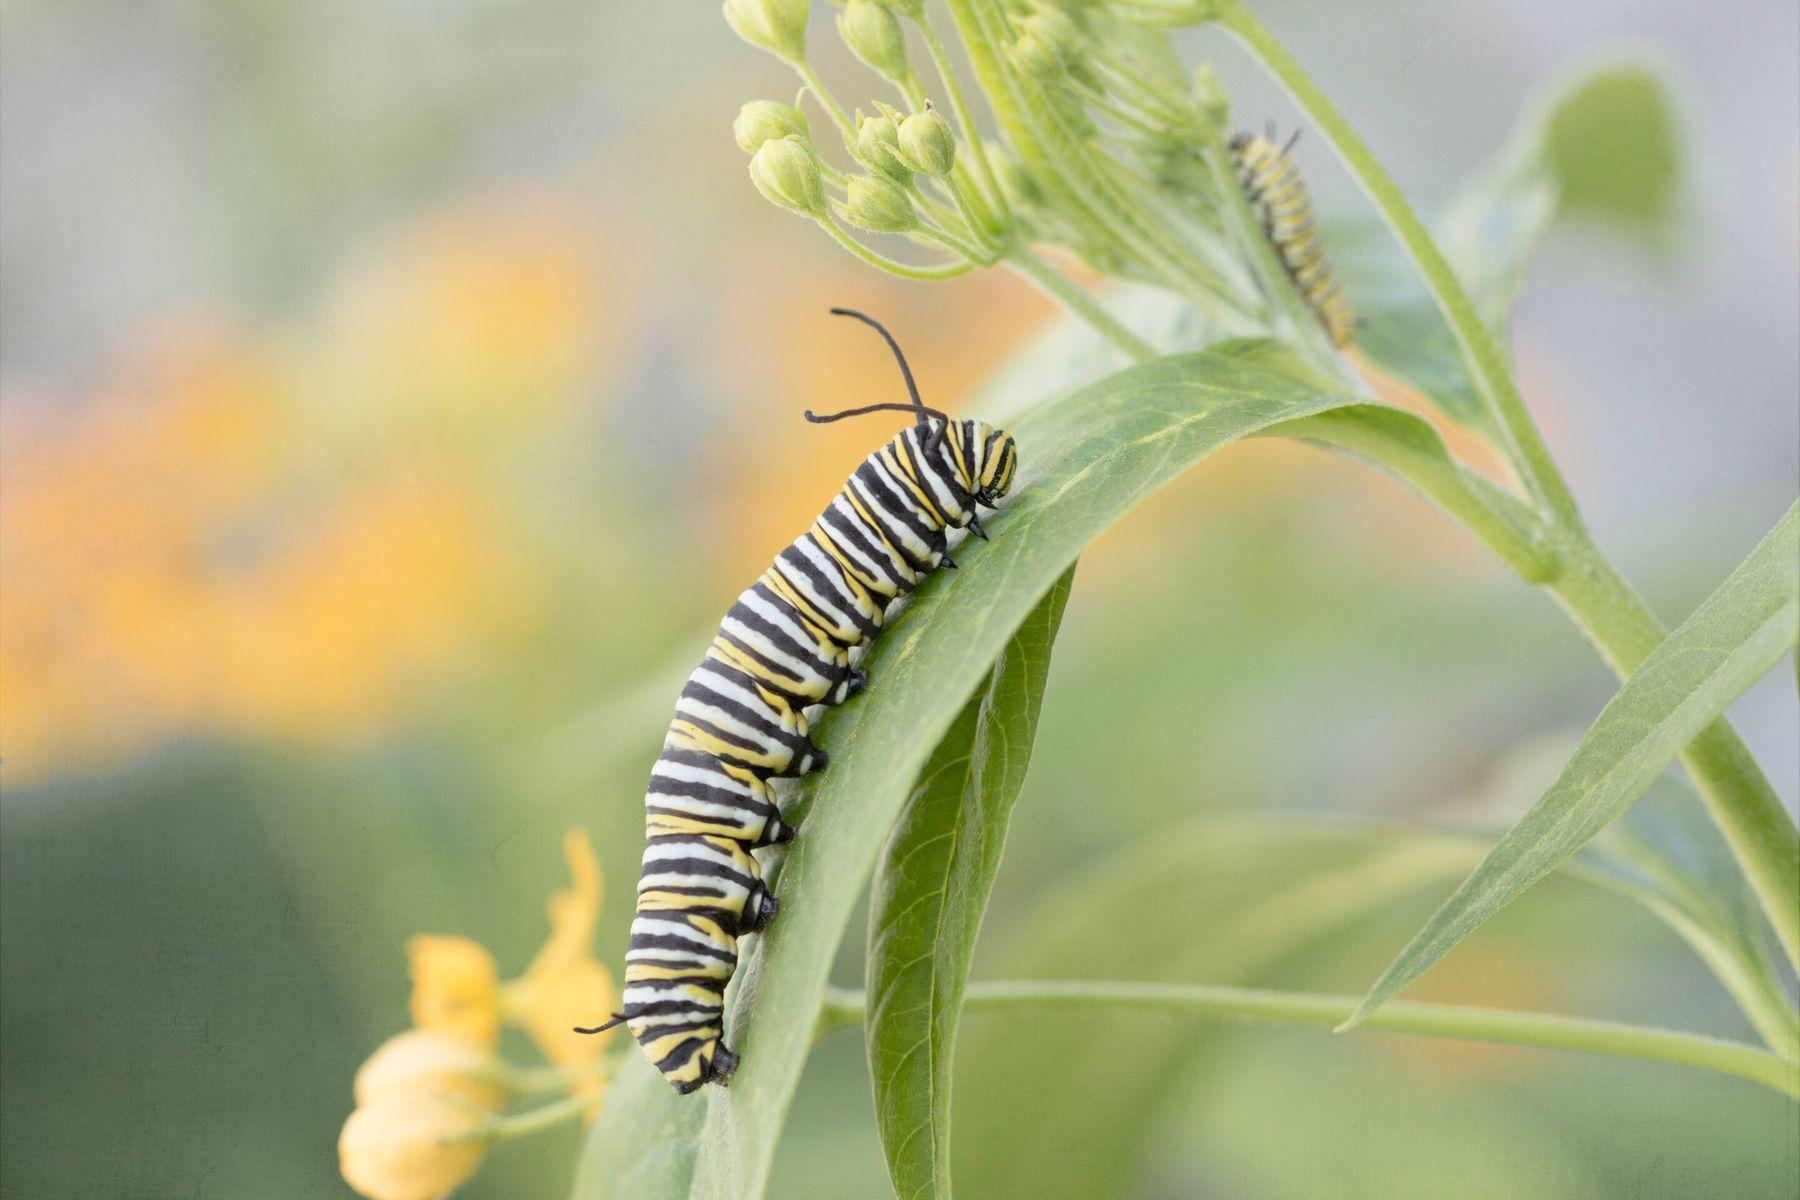 a caterpillar climbing up a leaf